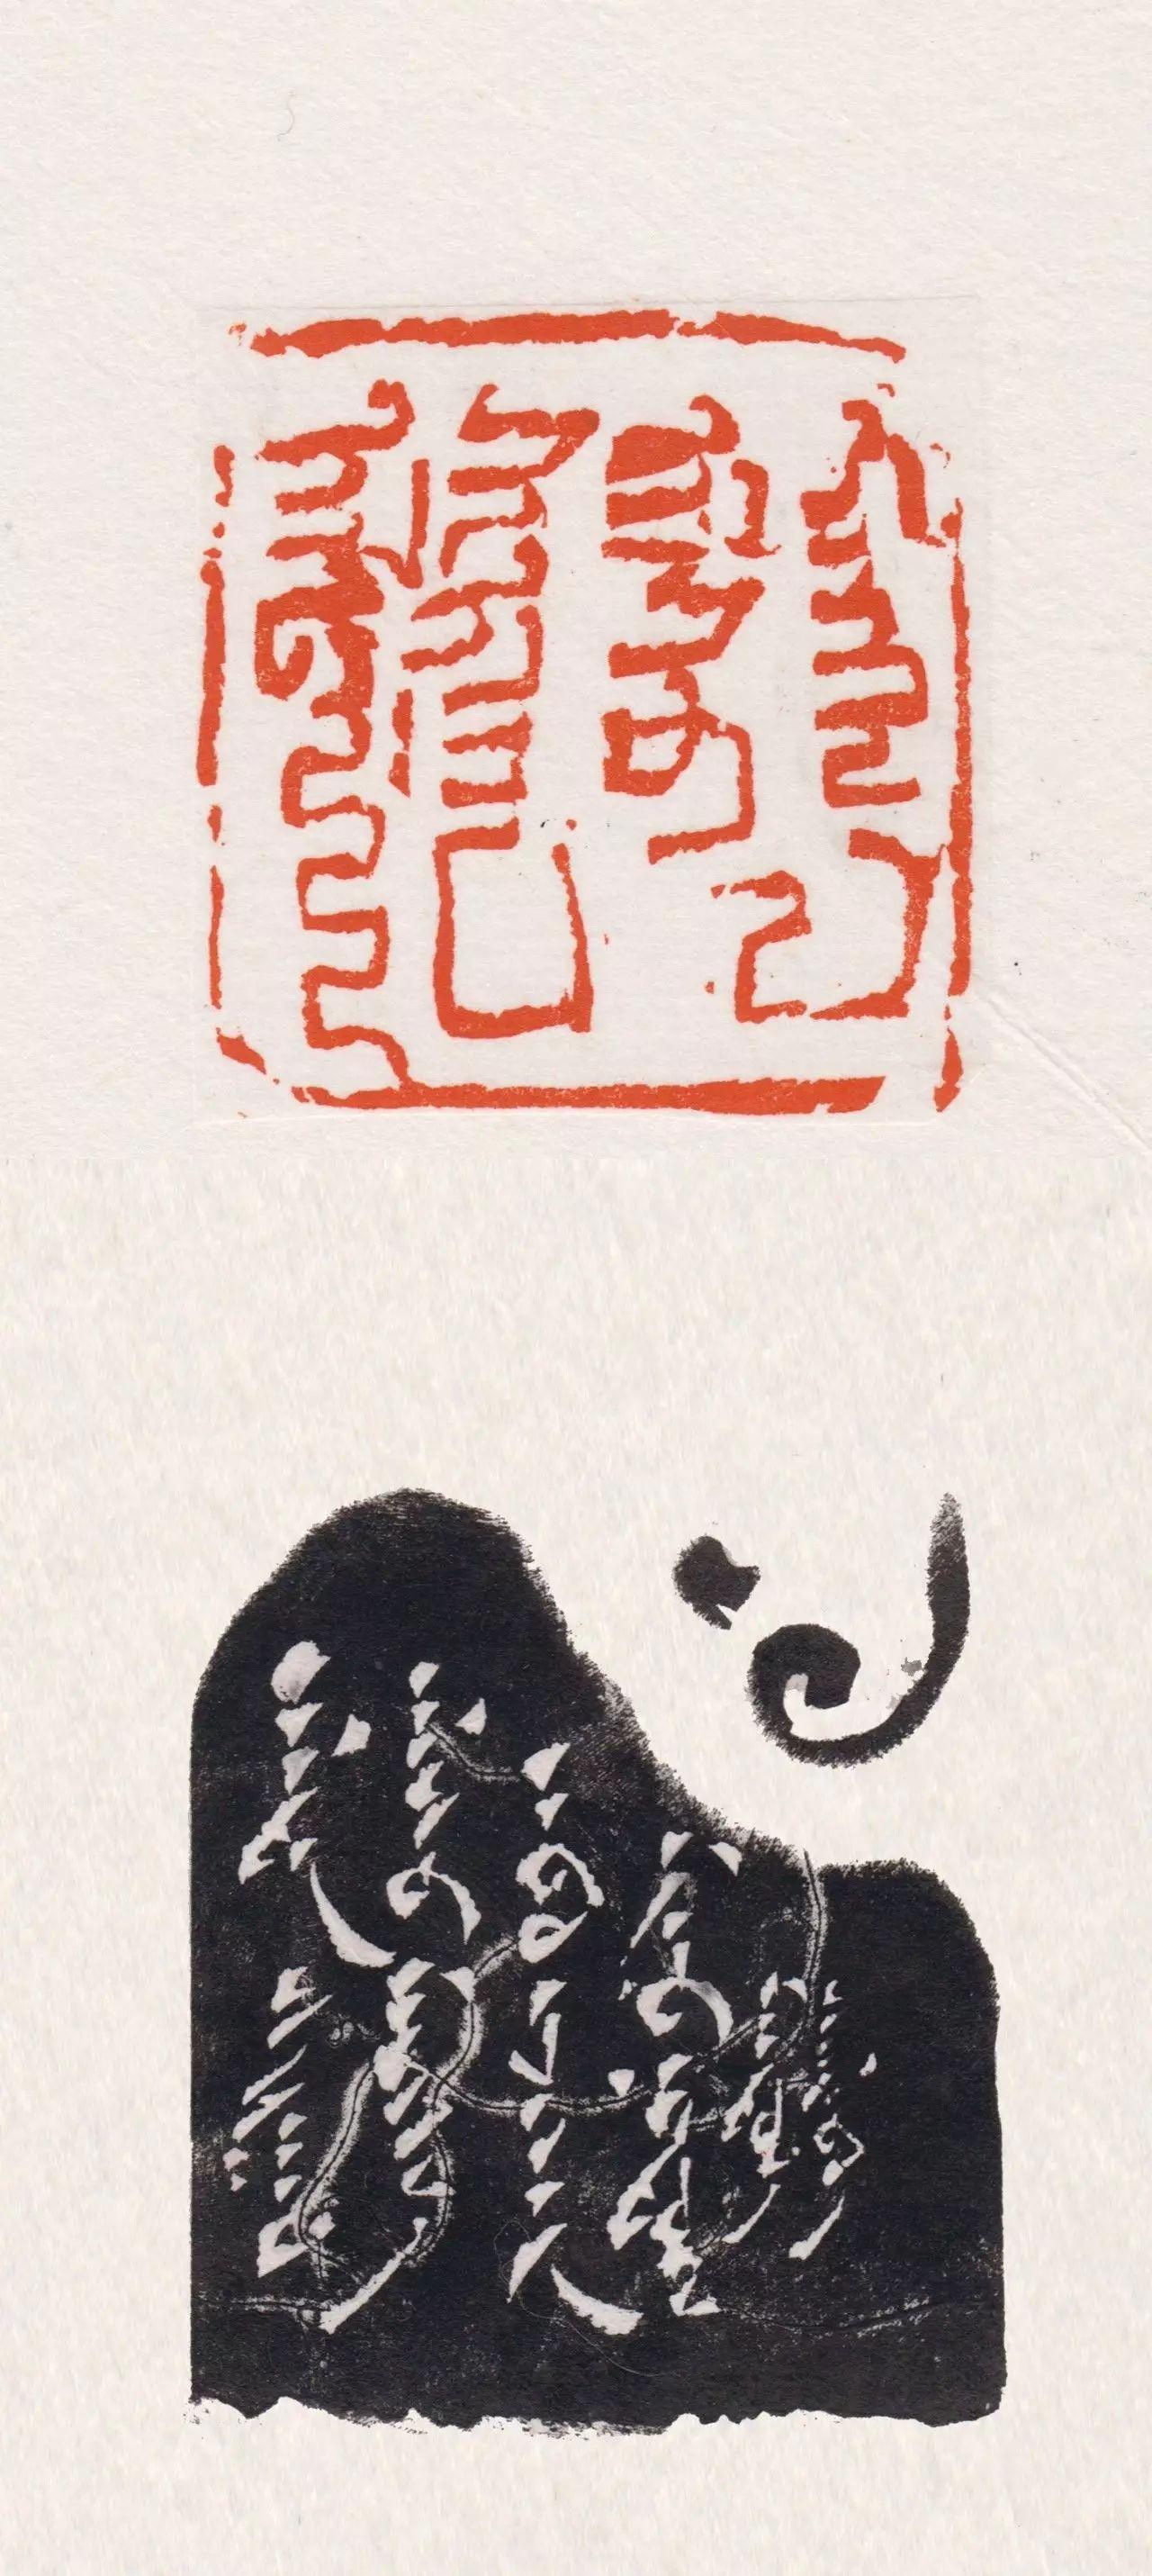 沙舟近期蒙古文篆刻新作欣赏(附印面) 第7张 沙舟近期蒙古文篆刻新作欣赏(附印面) 蒙古书法